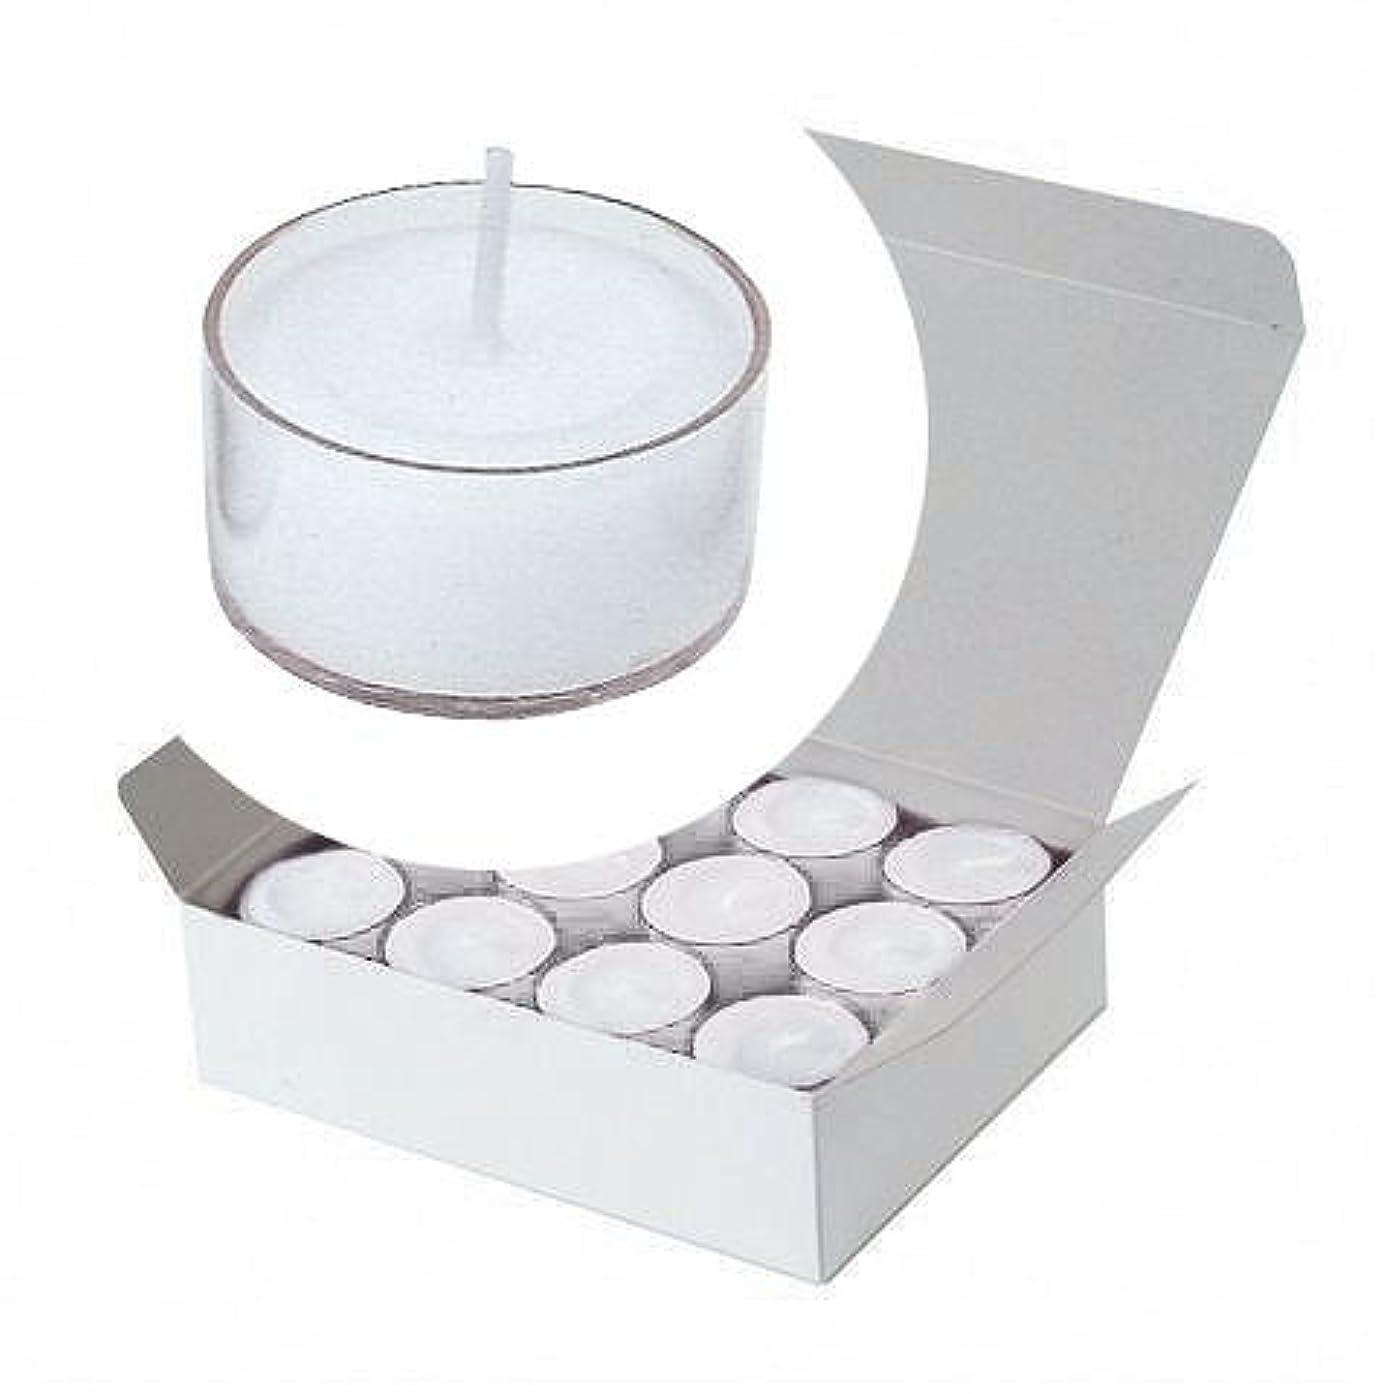 締めるフロンティア吸収カメヤマキャンドル(kameyama candle) クリアカップティーライト24個入り 「 クリア 」